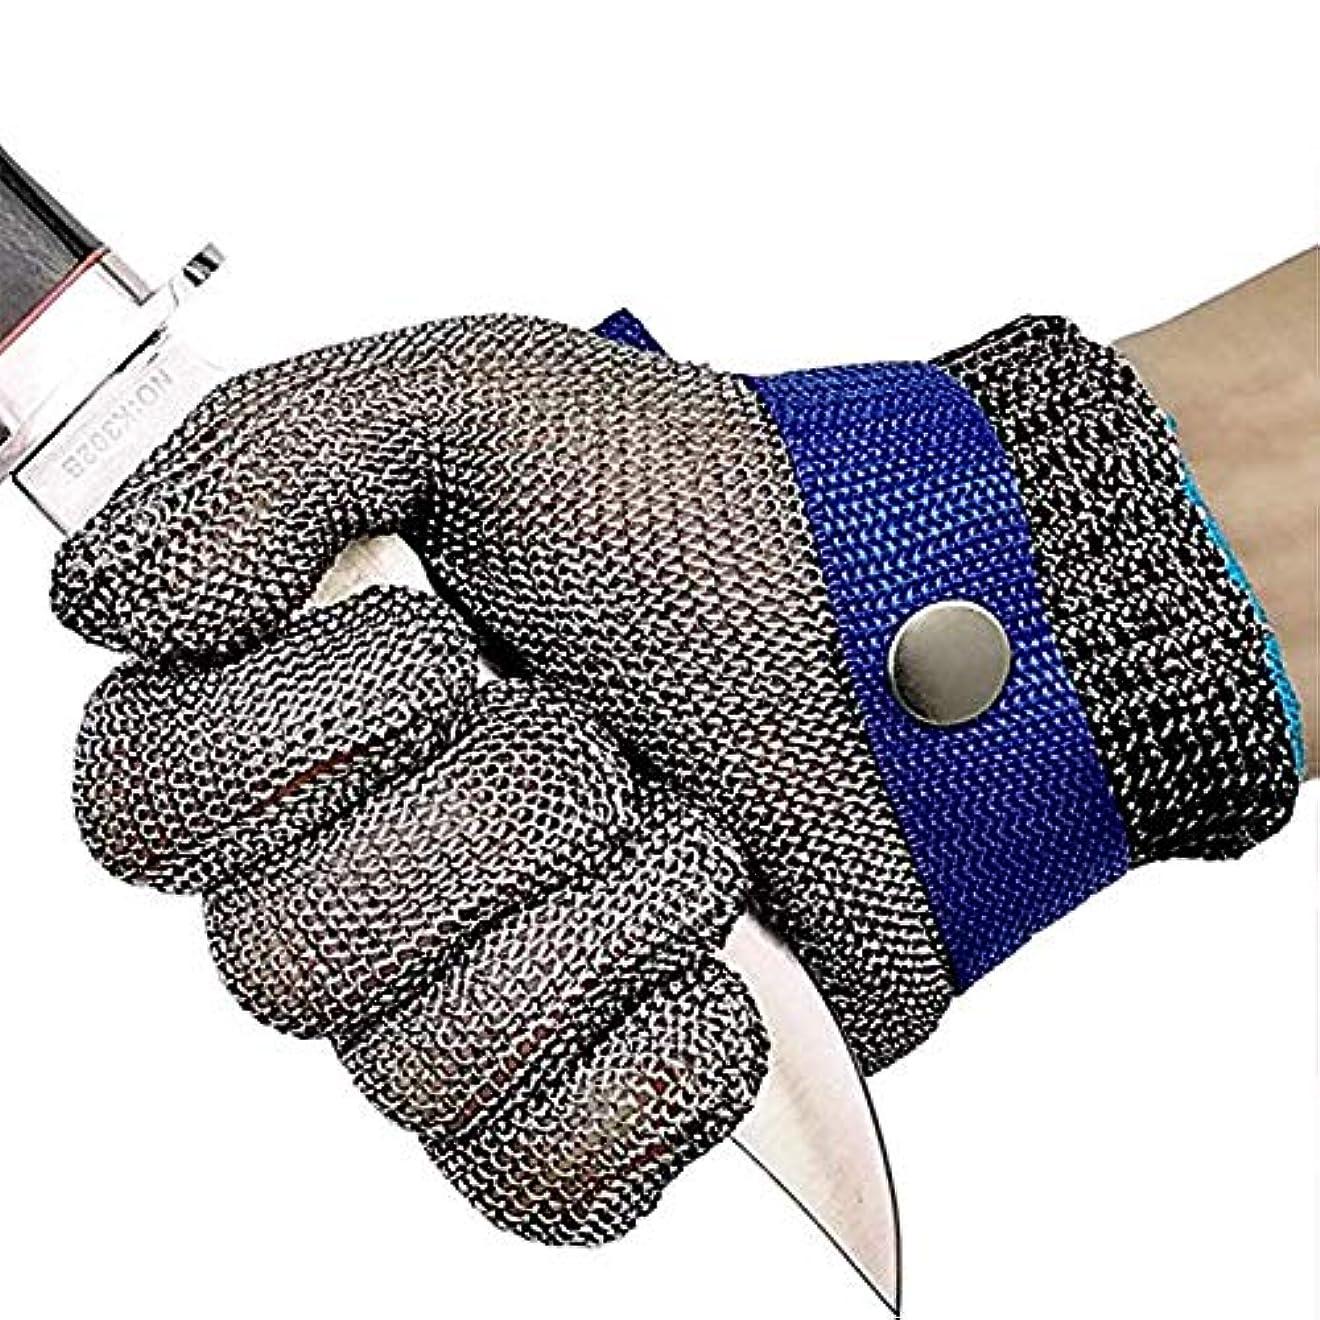 免除するマーキング熟す切断するためのカット性手袋、ステンレススチールワイヤーメタルメッシュブッチャー安全作業手袋、スライスチョッピングとピーリング,S